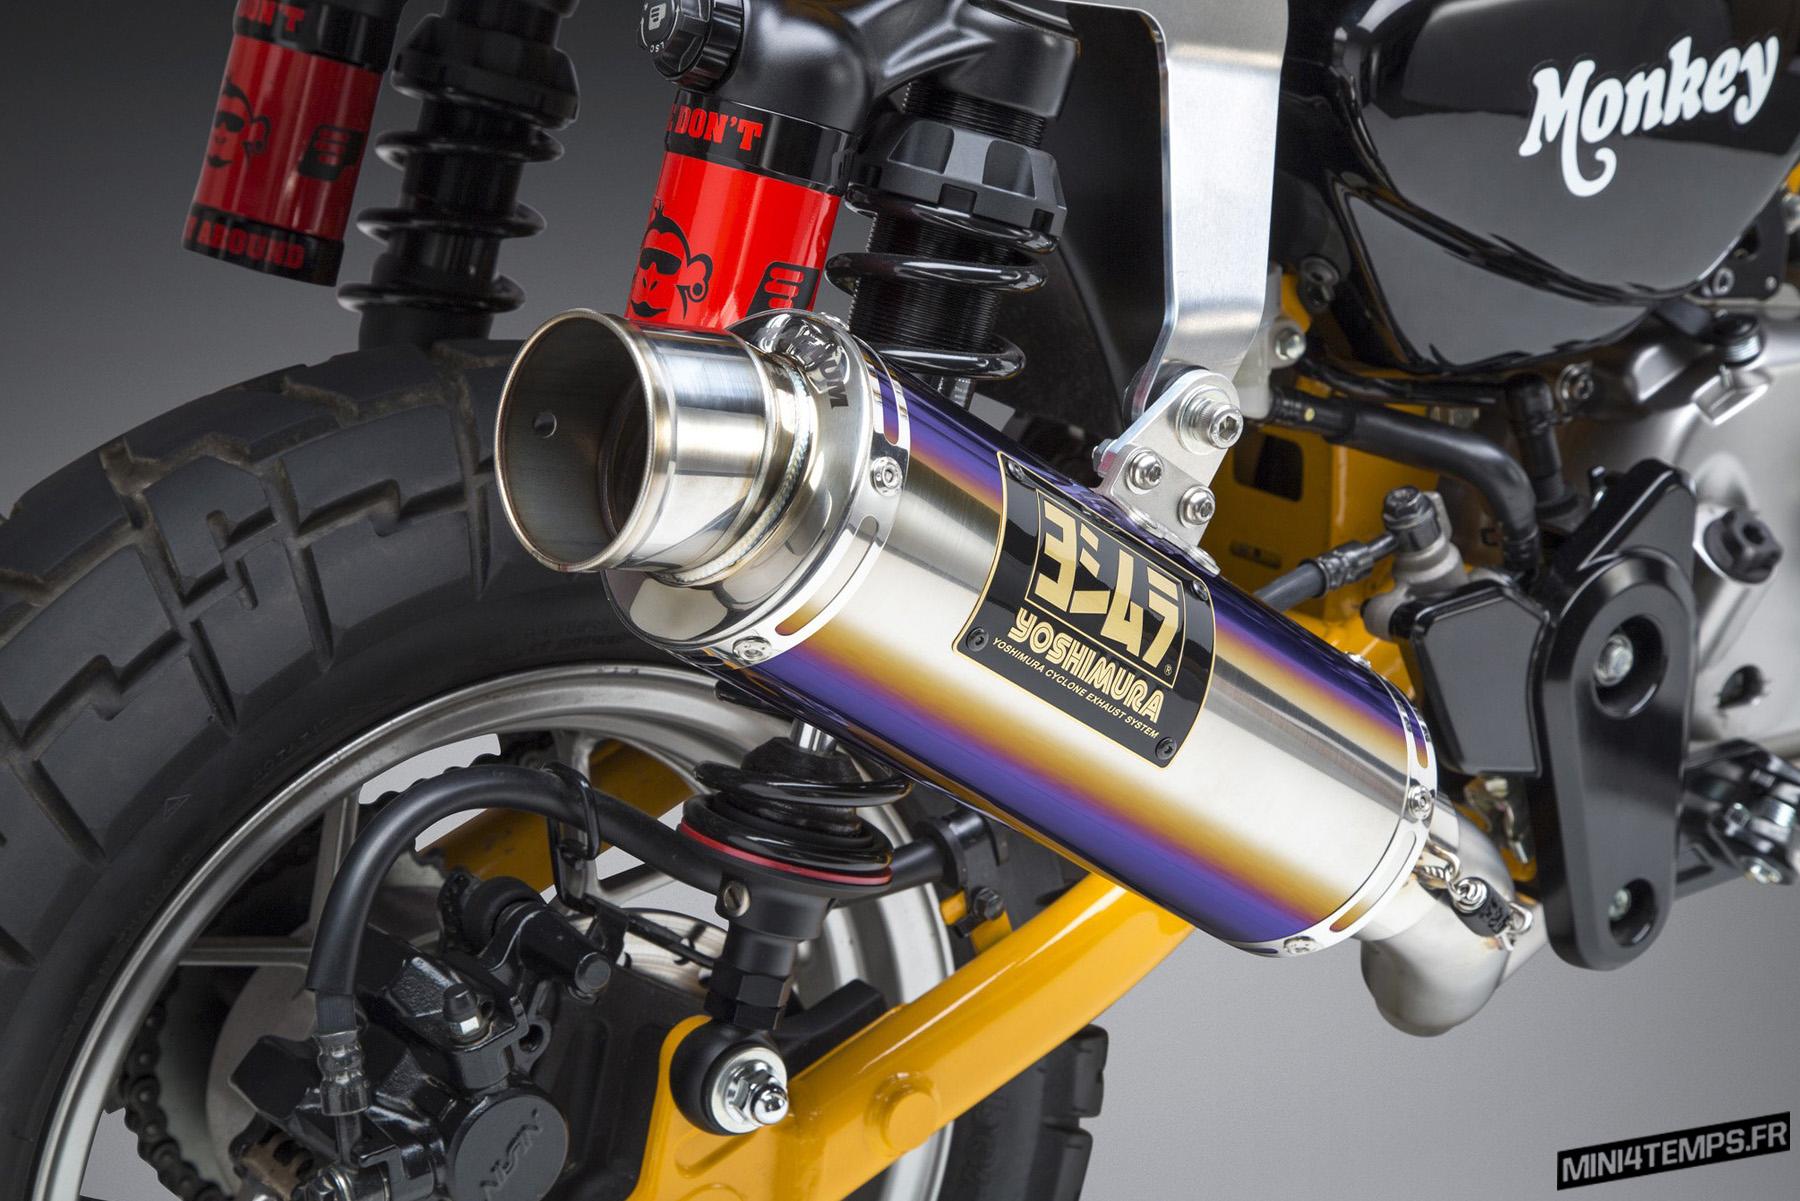 Un échappement Yoshimura GP Magnum pour le Honda Monkey 125 - mini4temps.fr